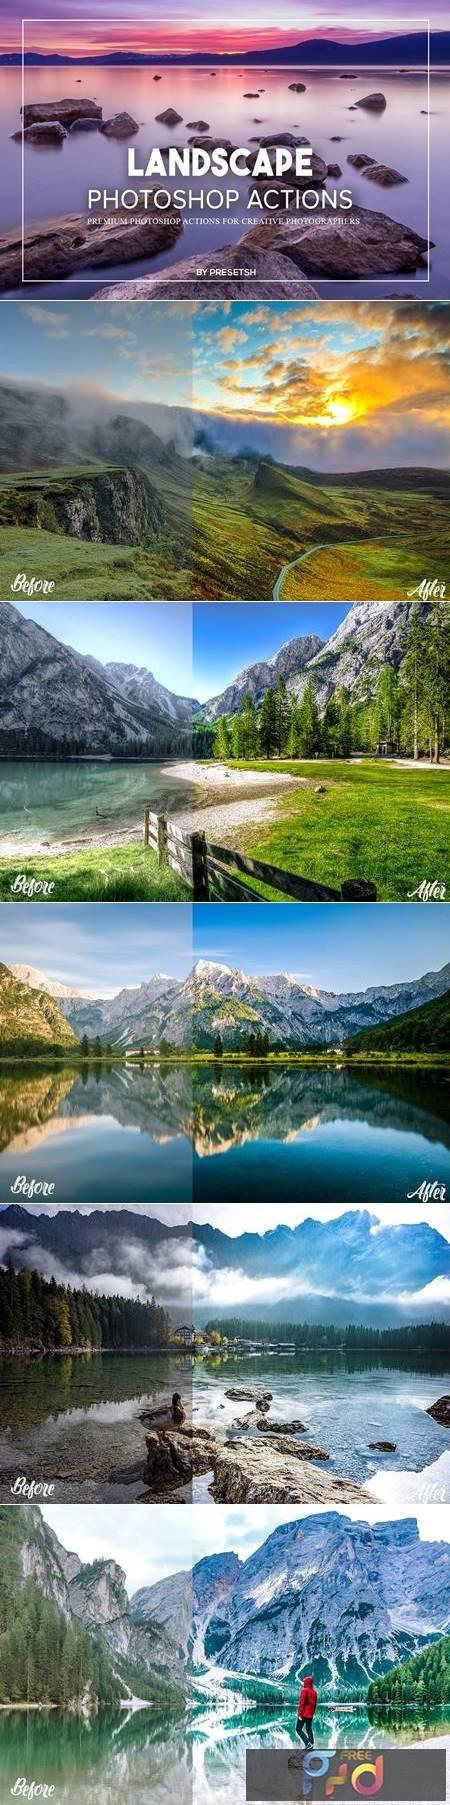 Landscape Photoshop Actions GJ4UVBM 1